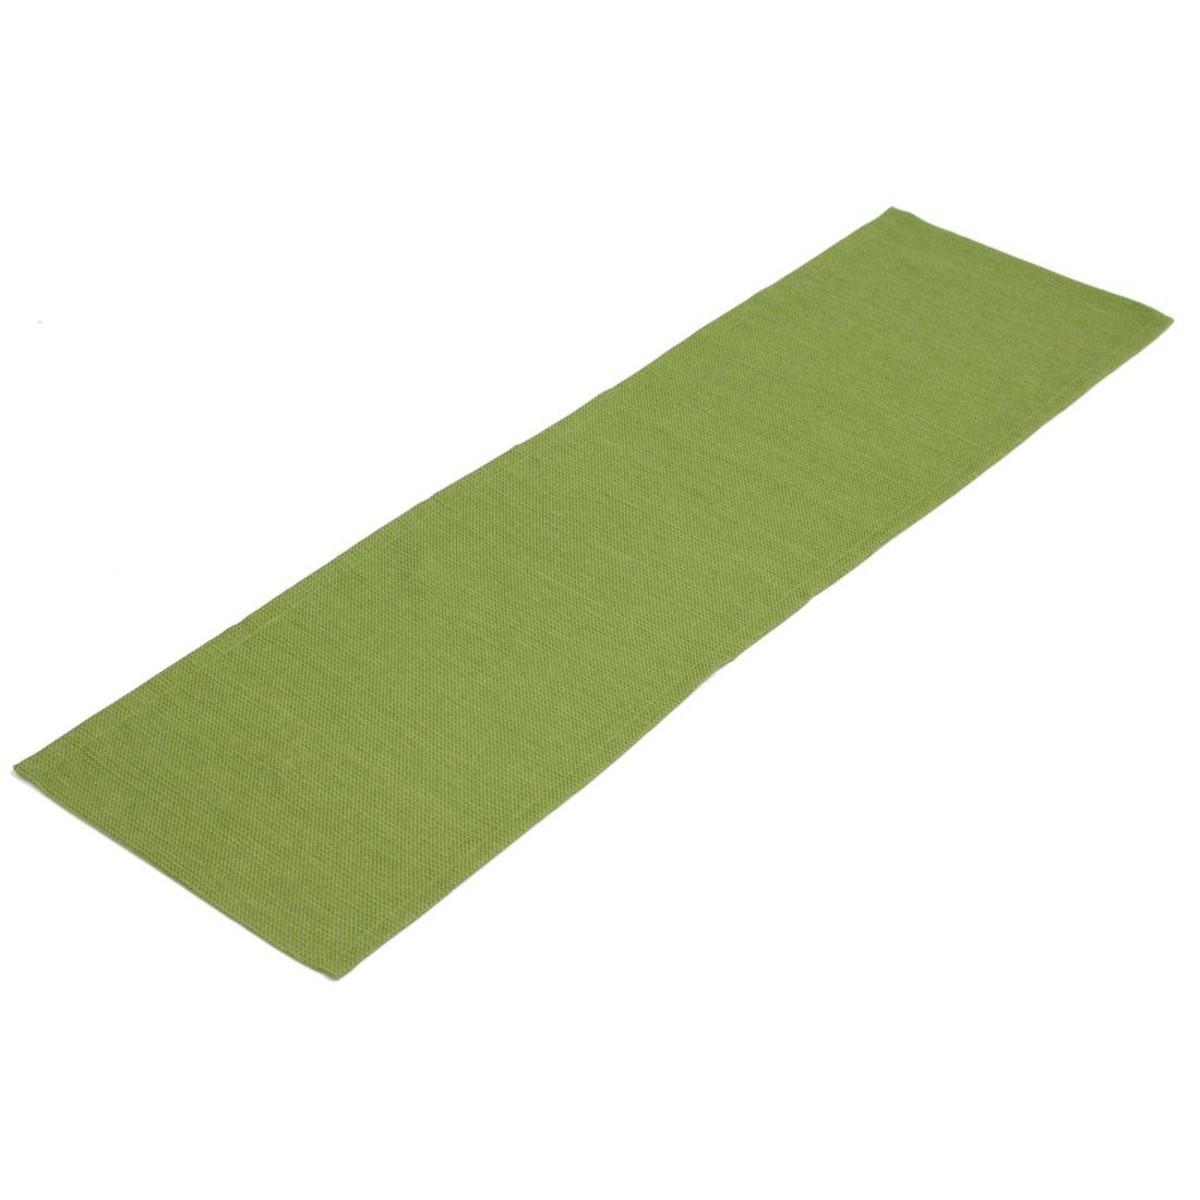 Дорожка на стол Хит-декор Зелень 06911 140х40 см